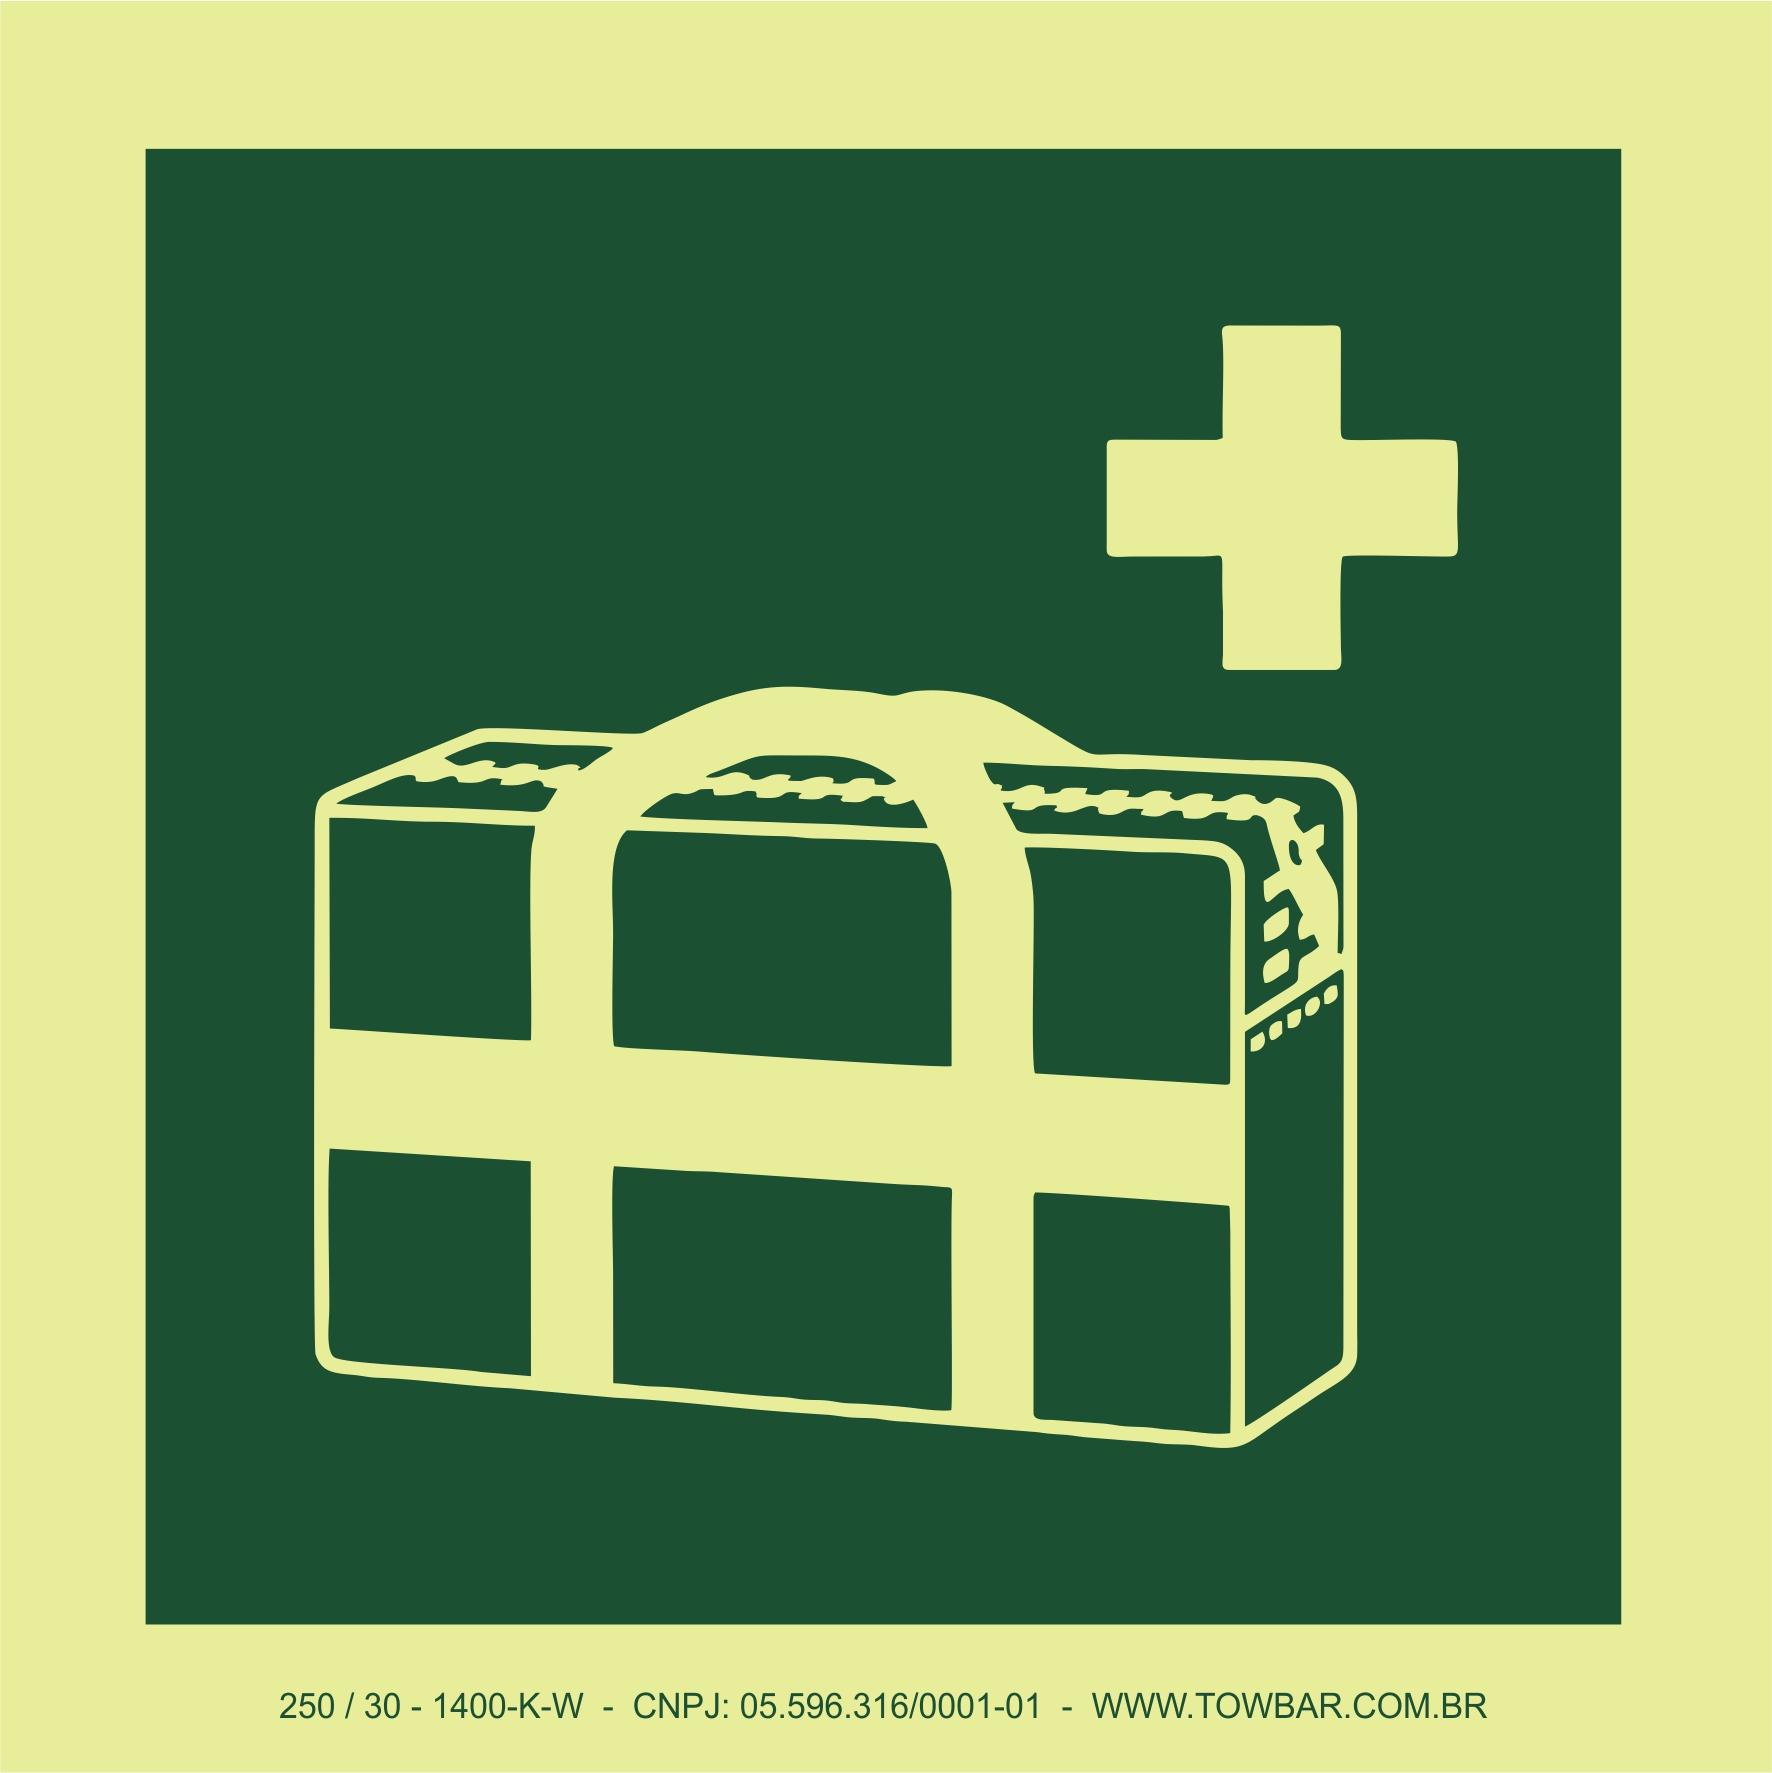 Maleta médica (Medical grab bag)  - Towbar Sinalização de Segurança